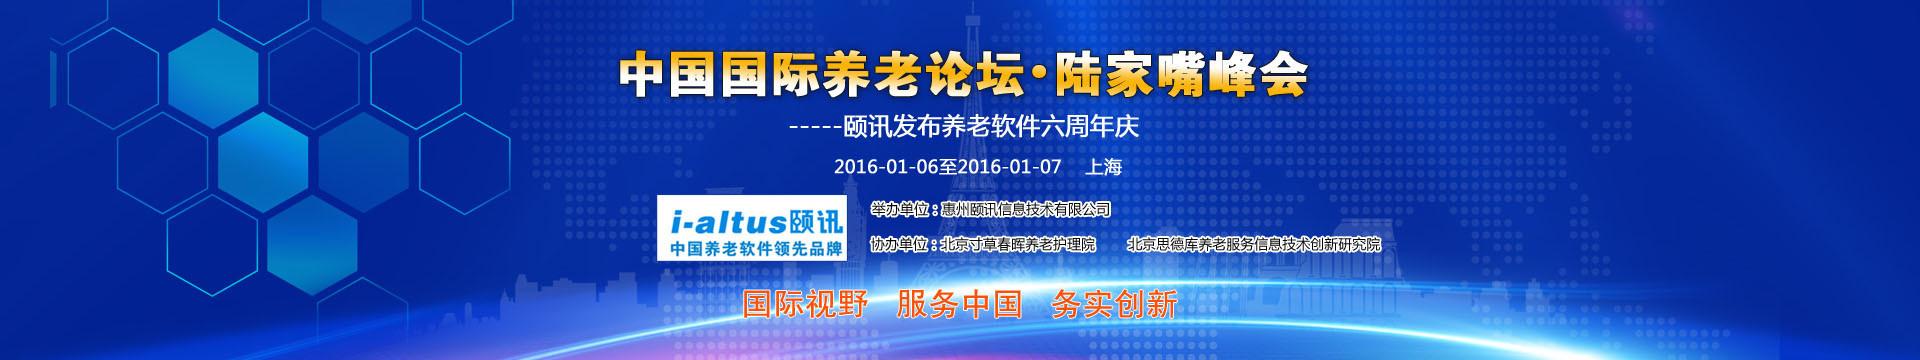 中国国际养老论坛•陆家嘴峰会